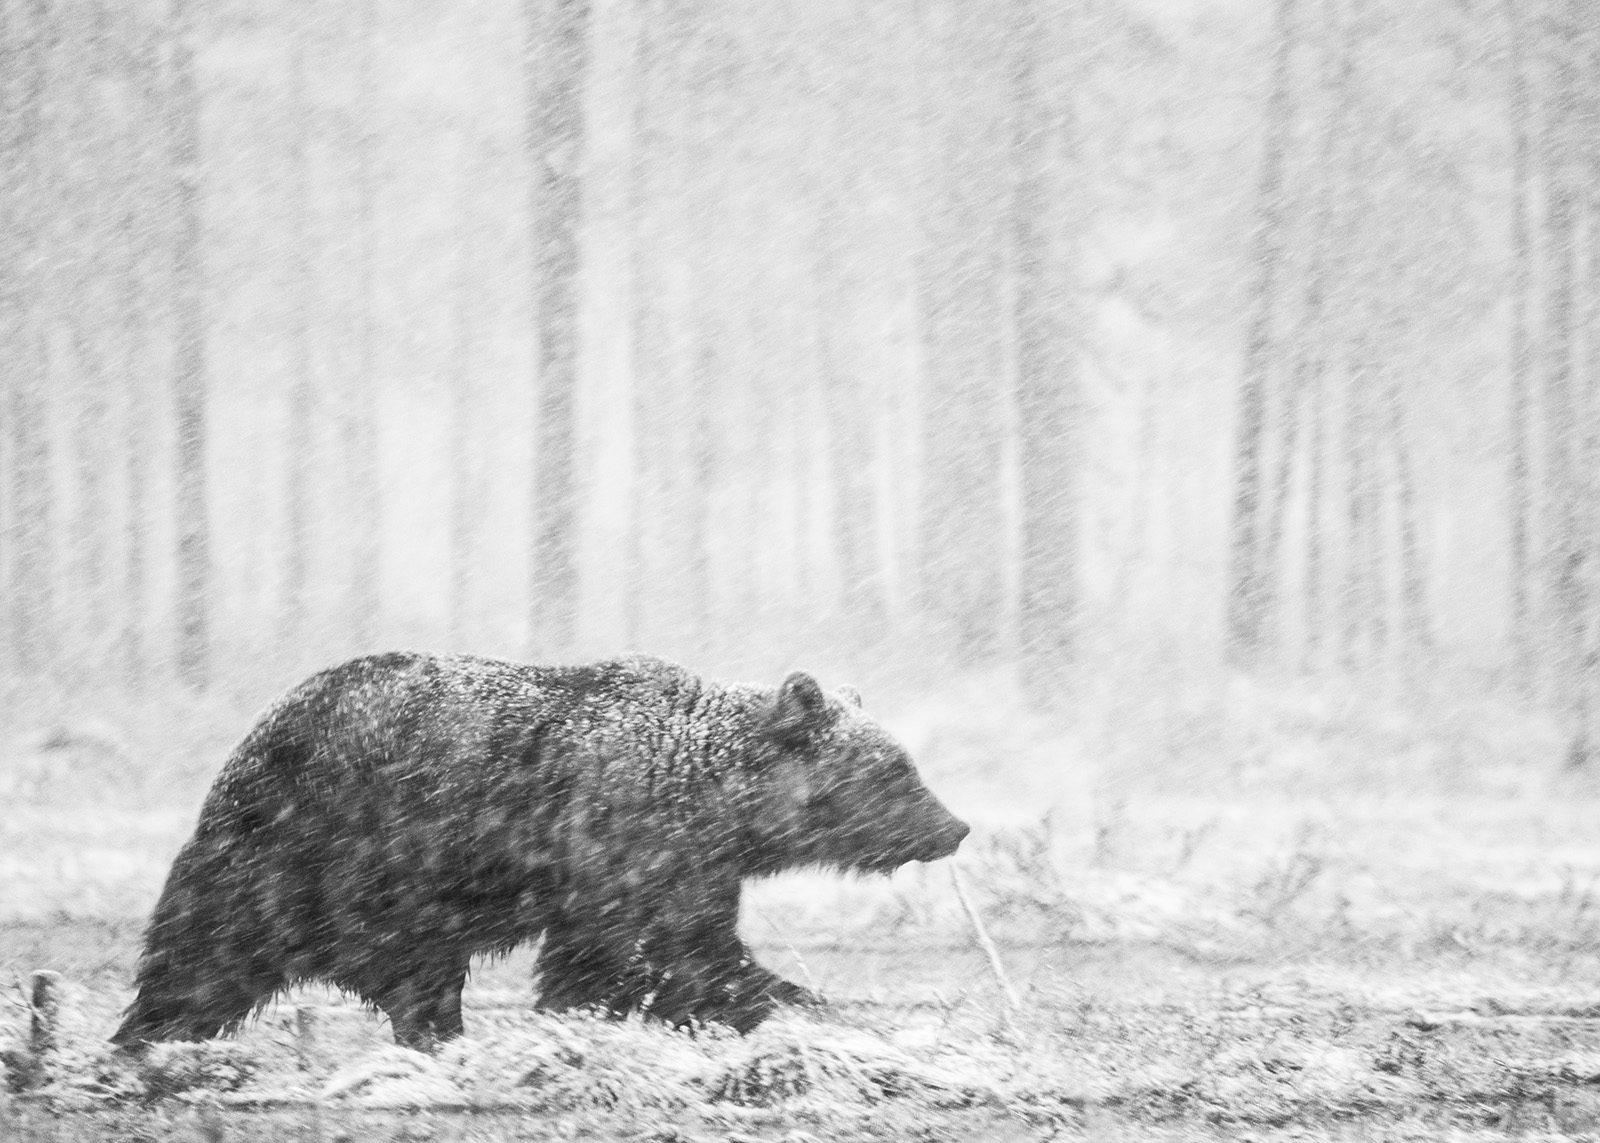 Bjørn i snødrev II av Kjell Erik Reinhardtsen